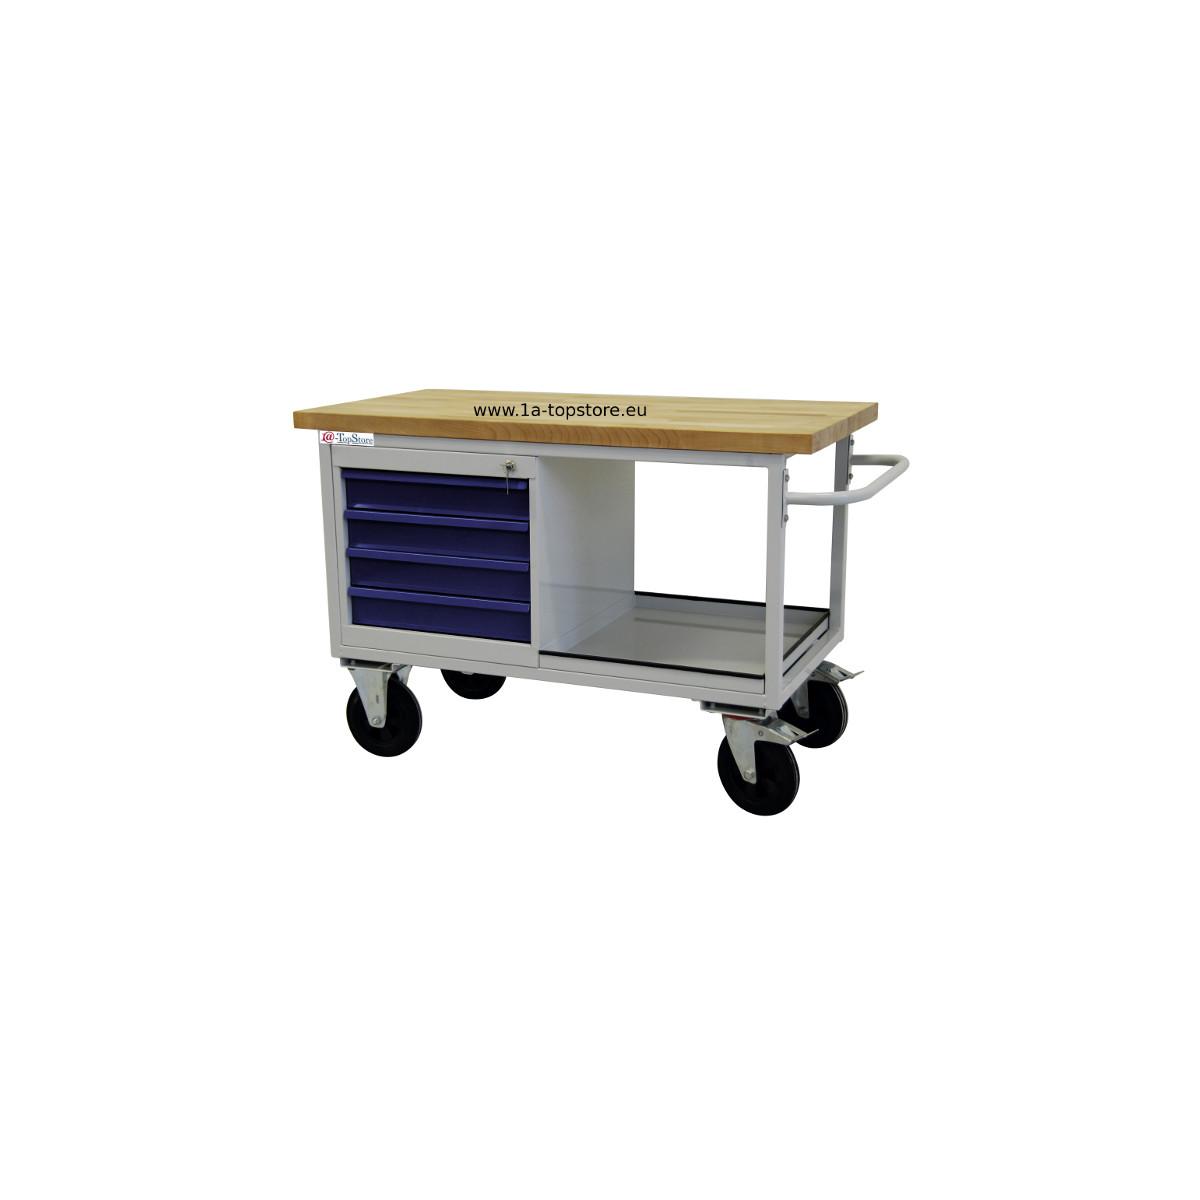 werkbank tischwagen auf rollen mit 4 schubladen ablagefach u buchen 384 00. Black Bedroom Furniture Sets. Home Design Ideas